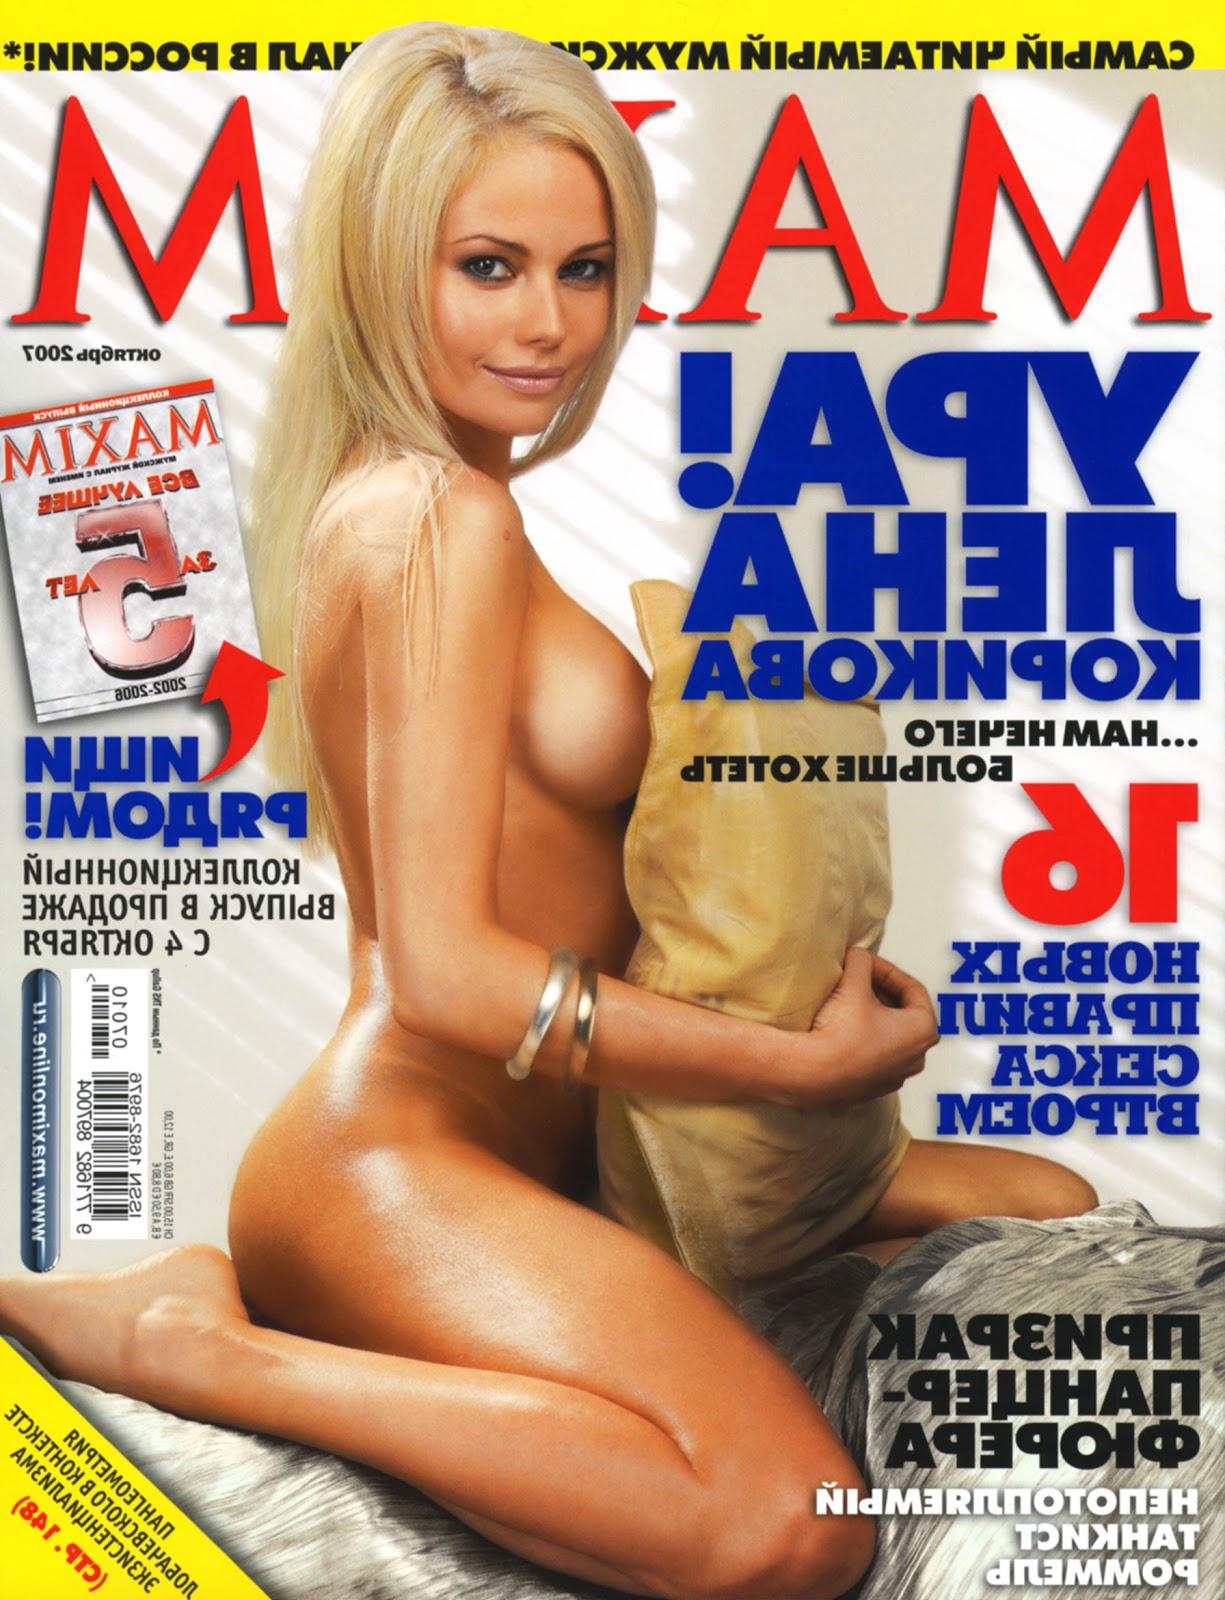 Максим журнал голые девушки, электричество в пизду